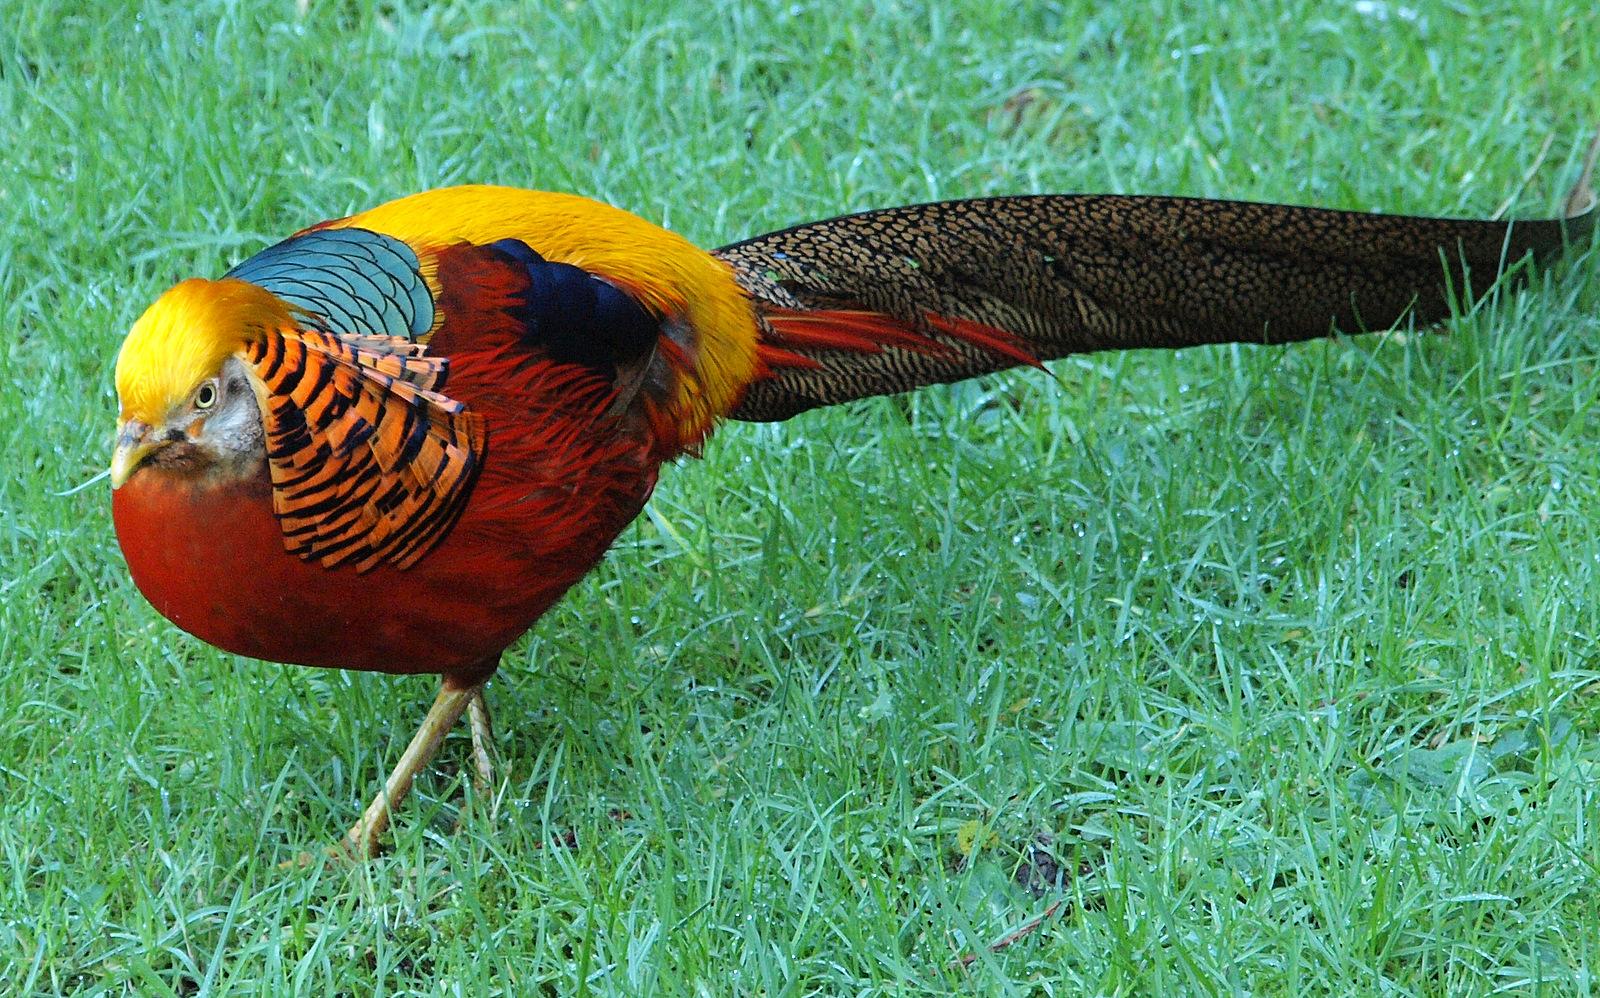 92 Golden Pheasant Wallpapers On Wallpapersafari